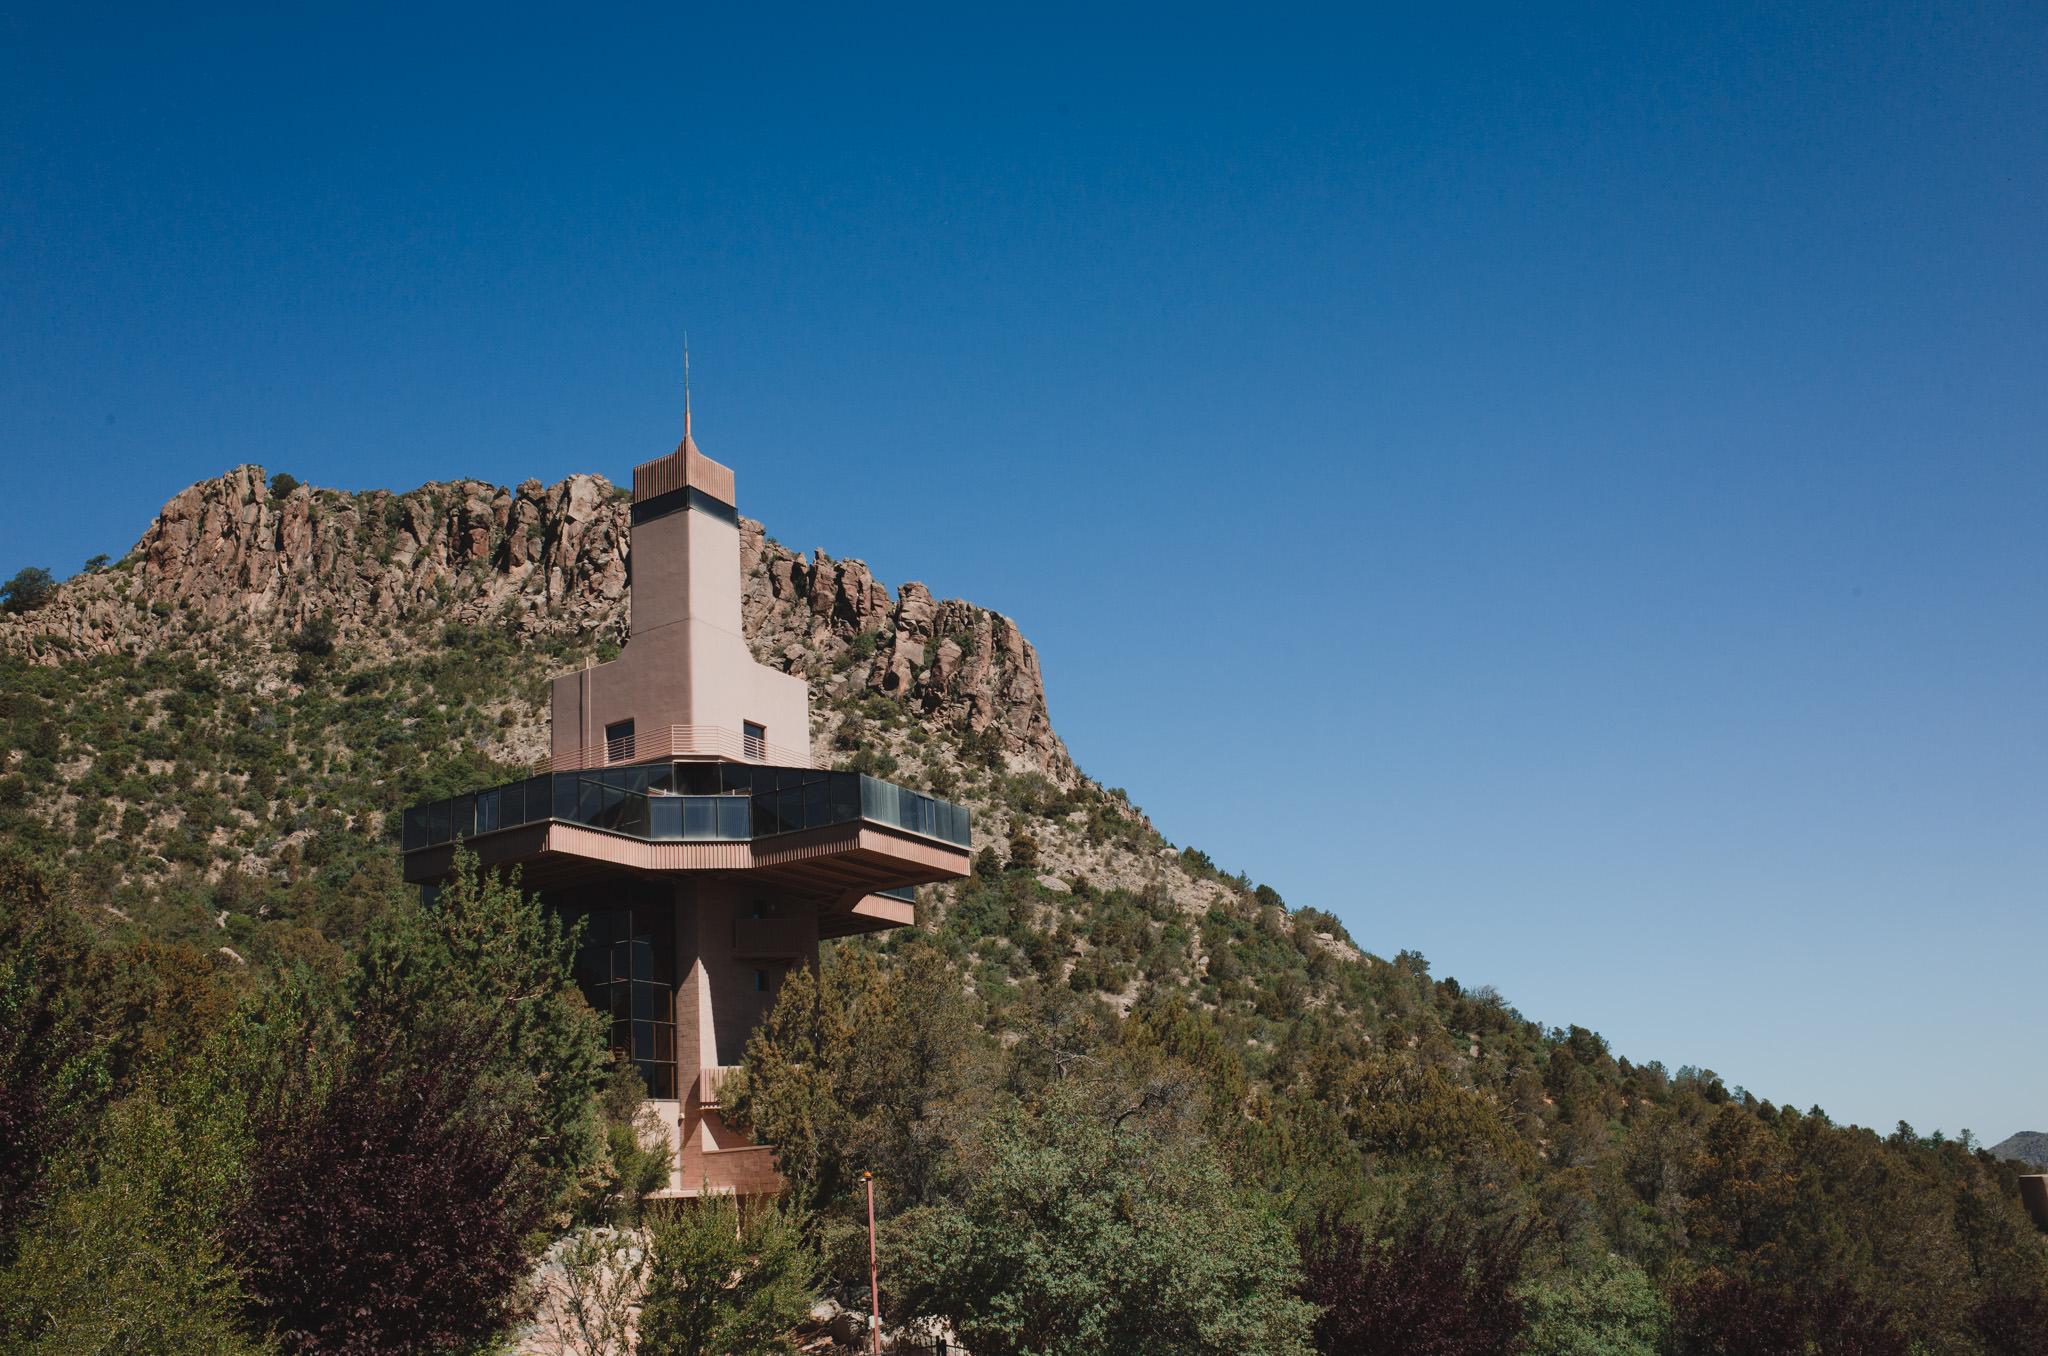 Falcon's Nest - Prescott, AZ